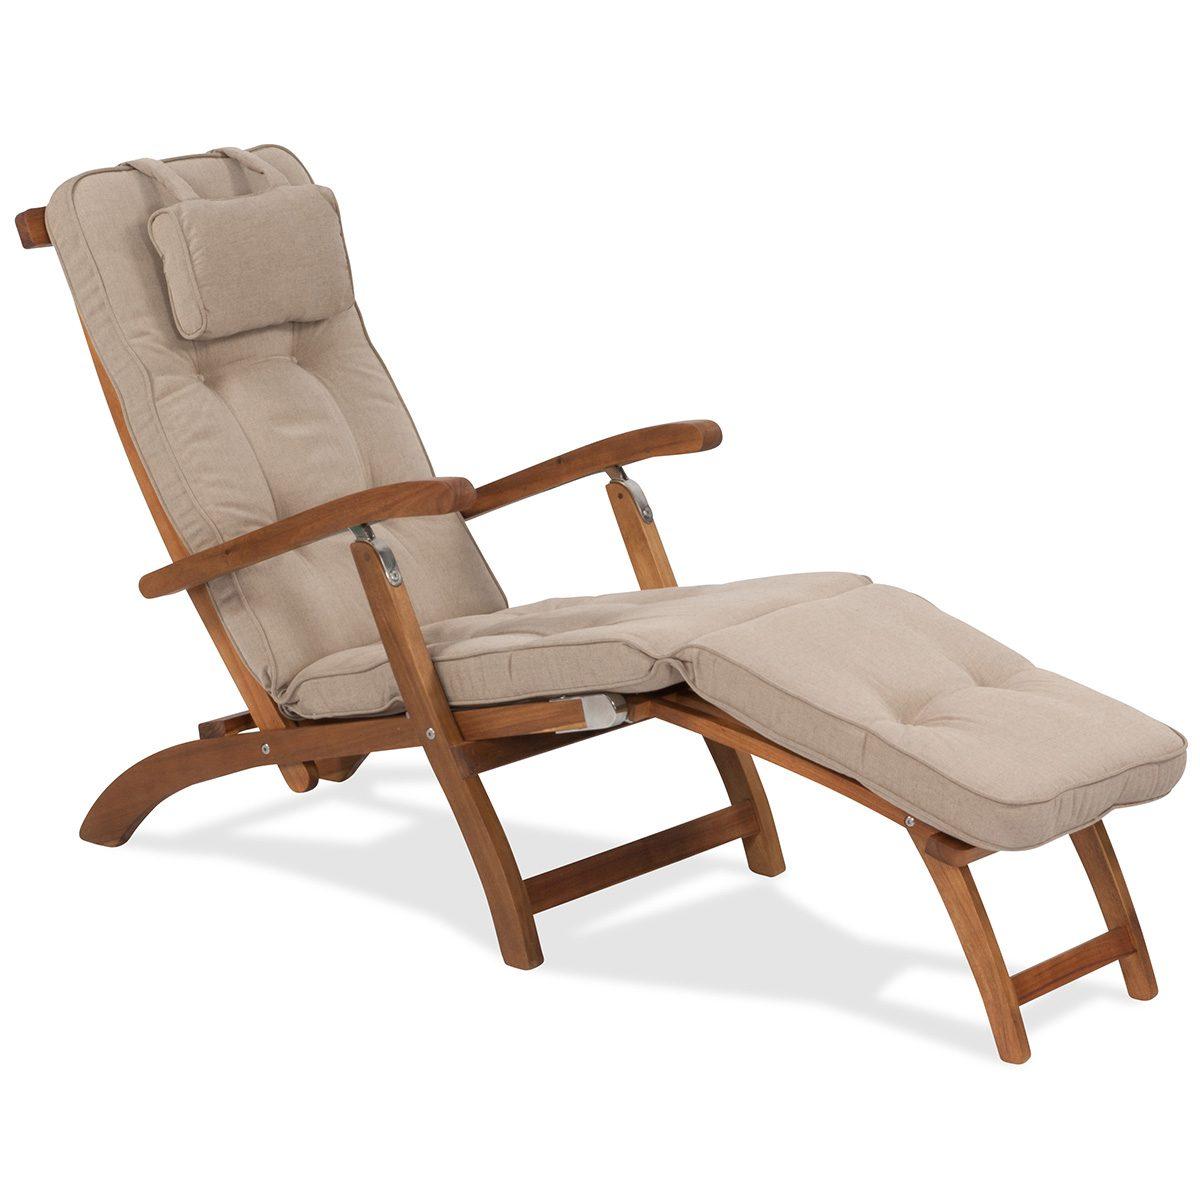 Arizona däckstol i oljad acasia med rostfria beslag och Woodline dyna i beige dralon.